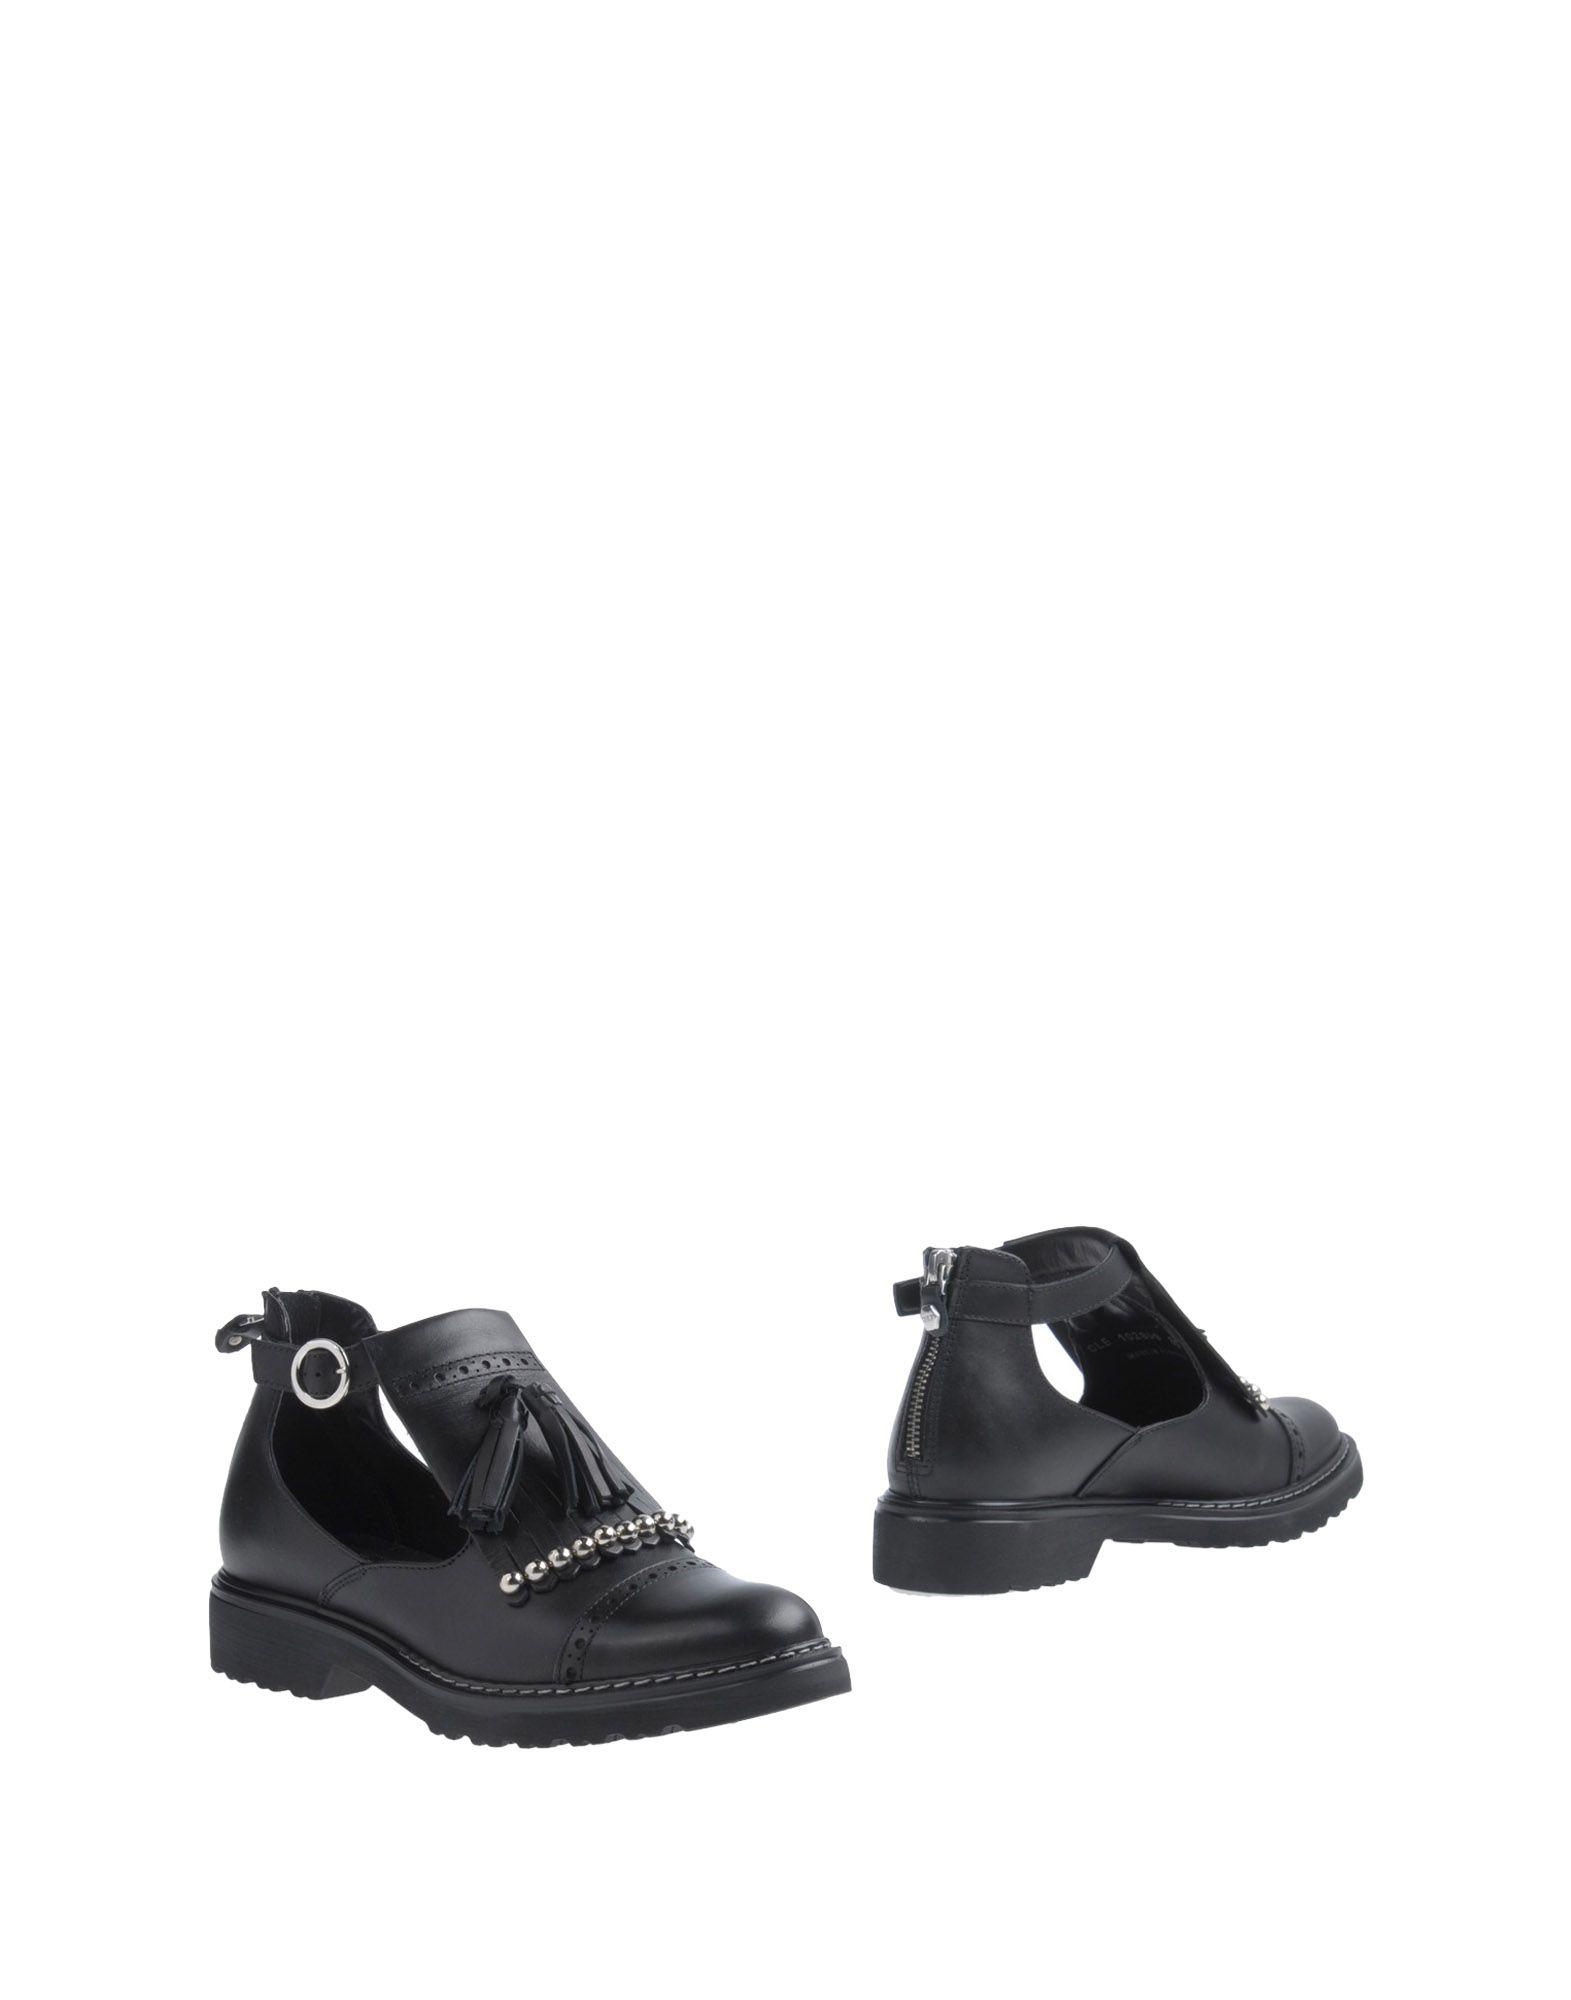 Cult Stiefelette Damen  11390340LF Gute Qualität beliebte Schuhe